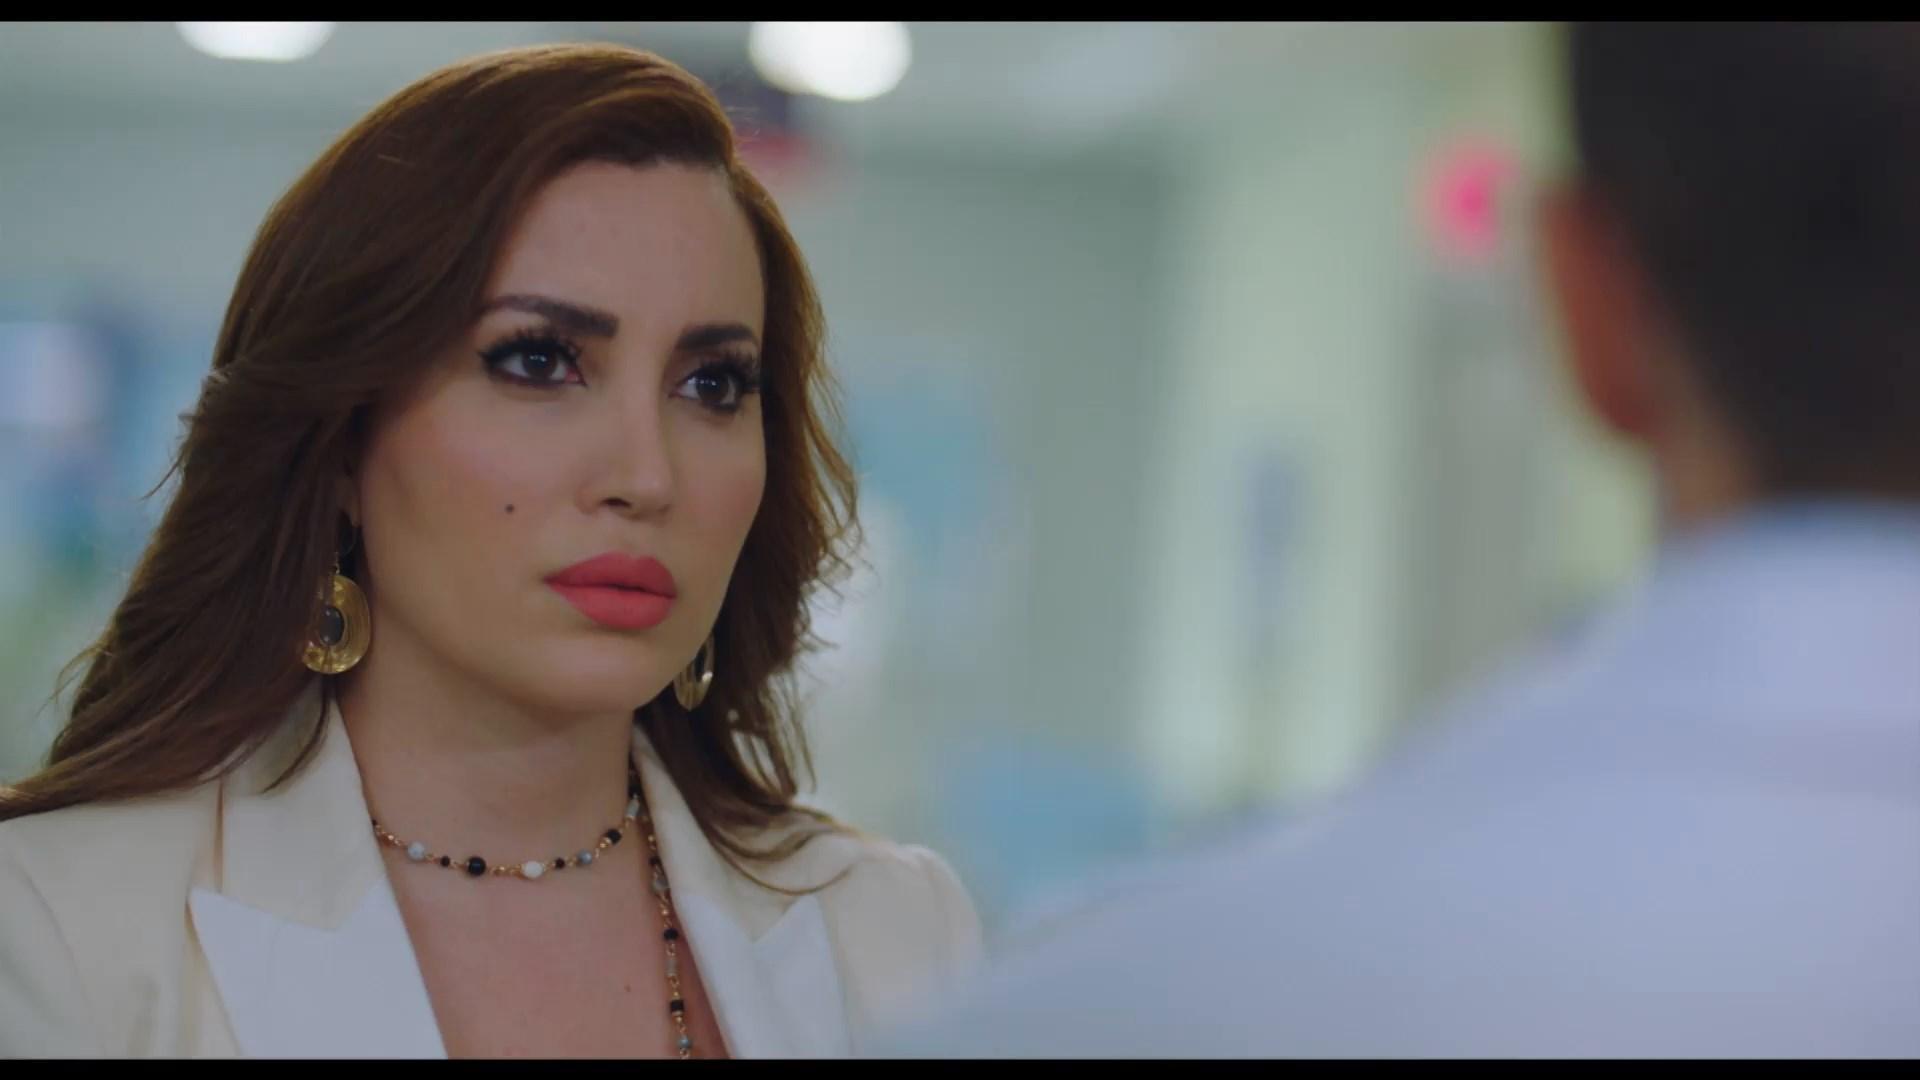 مسلسل الوجه الآخر الحلقة السابعة (2020) 1080p تحميل تورنت 2 arabp2p.com